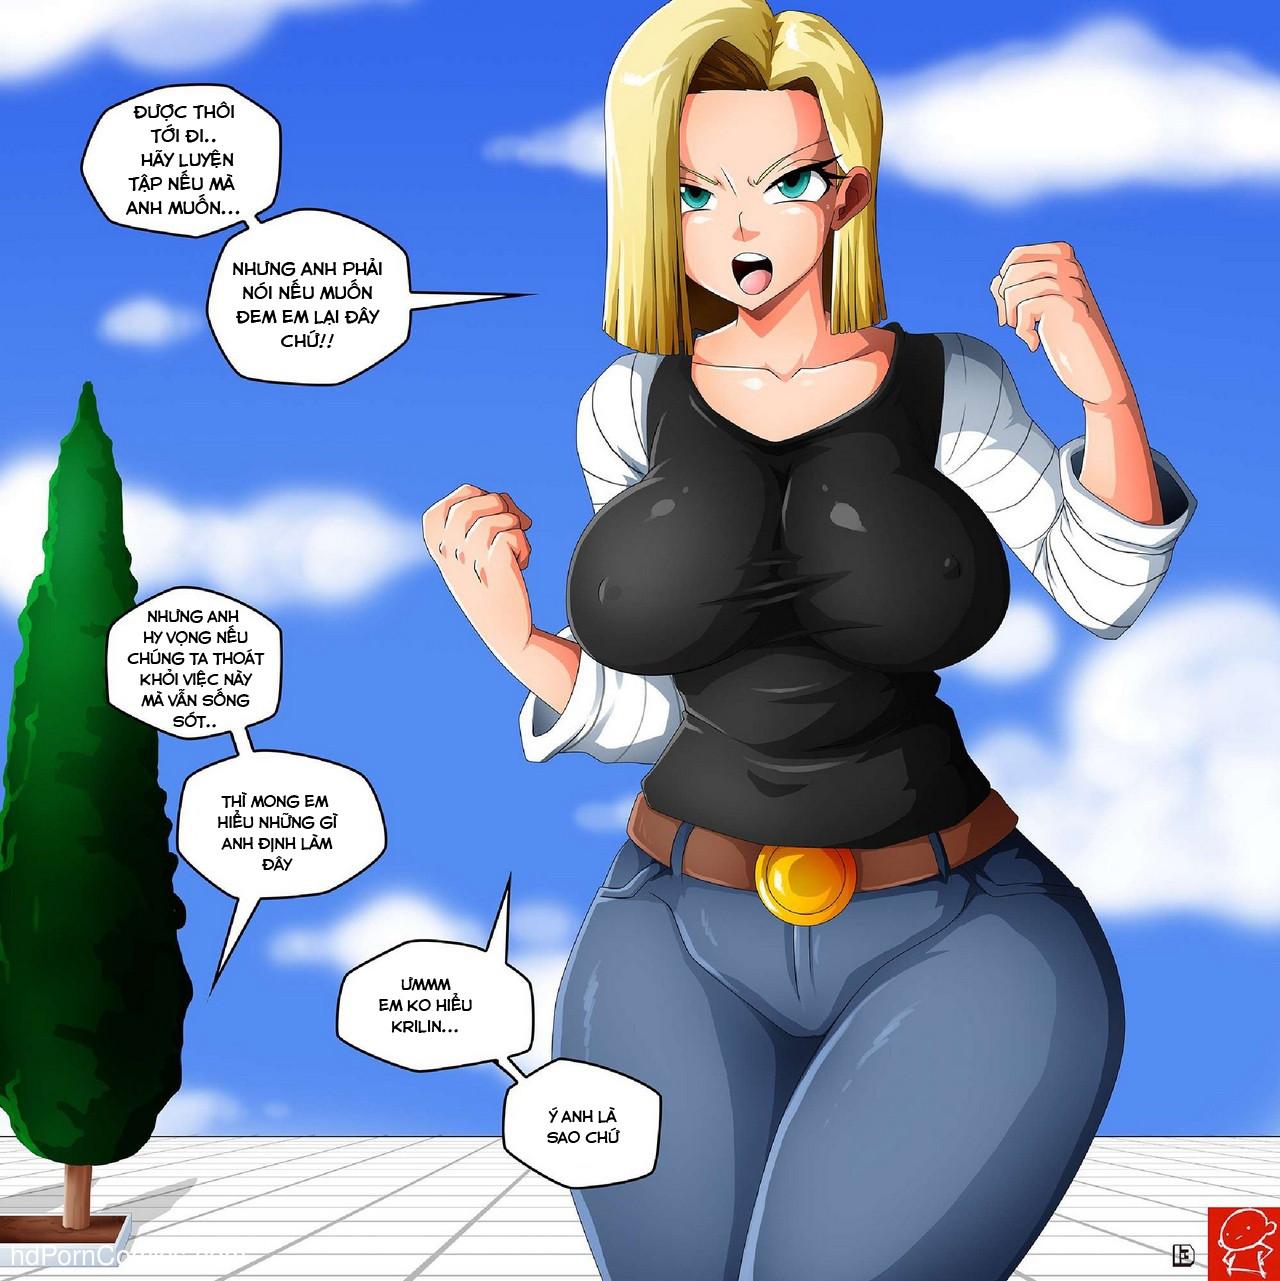 TruyenSexDam.Net - Ảnh 15 - Tuyển tập Dragon Ball - Chap 4.1: Chapter bị mất 2